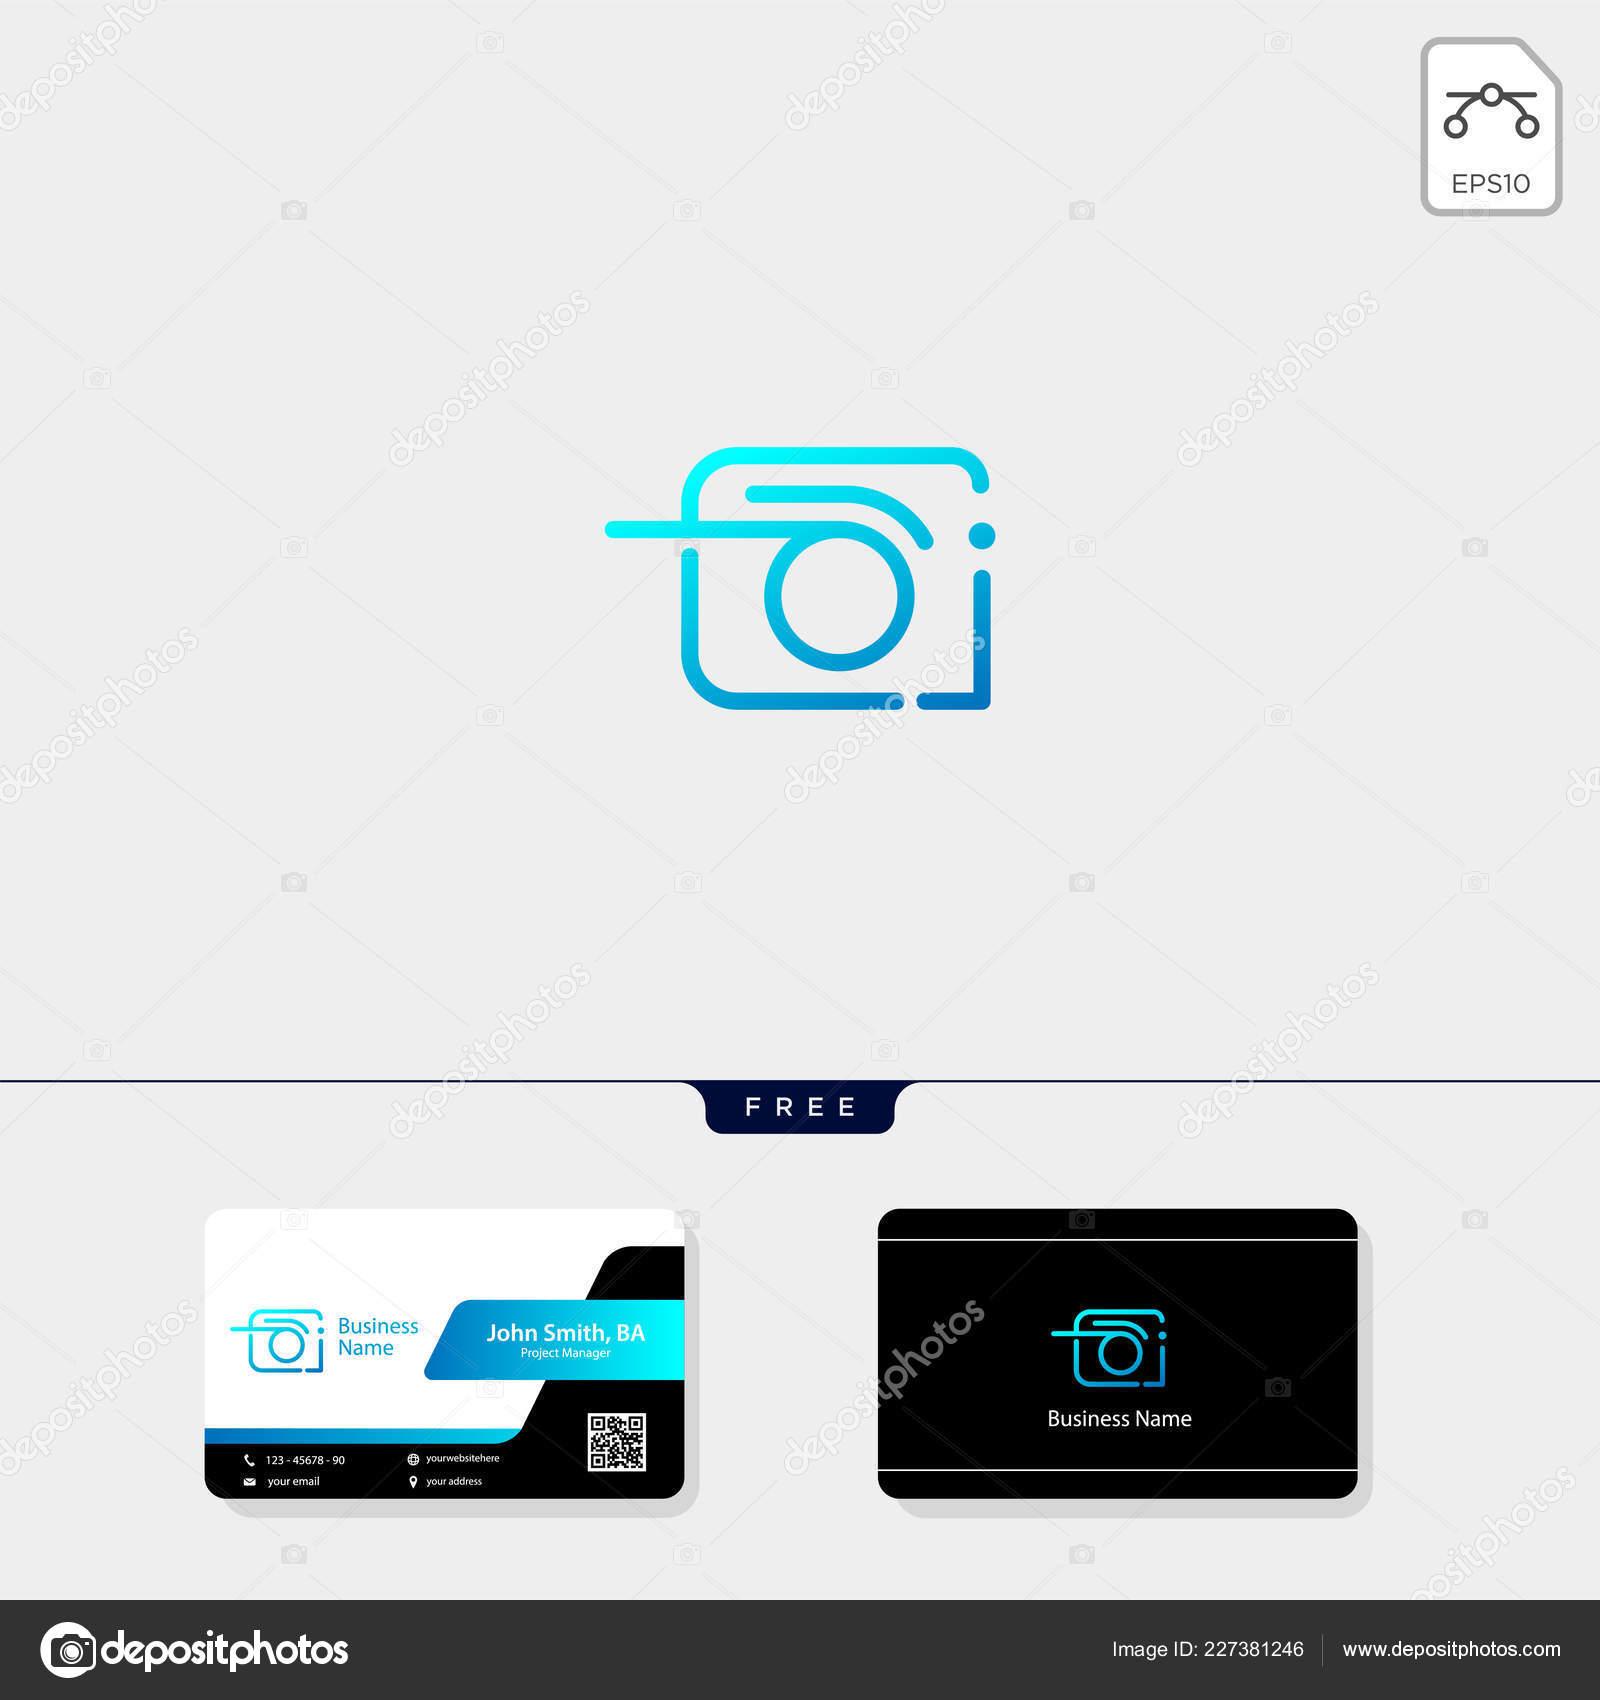 Modele De Conception Carte Visite Gratuit Illustration Vectorielle Camera Logo Photographe Photographie Vecteur Par Vectoryzen